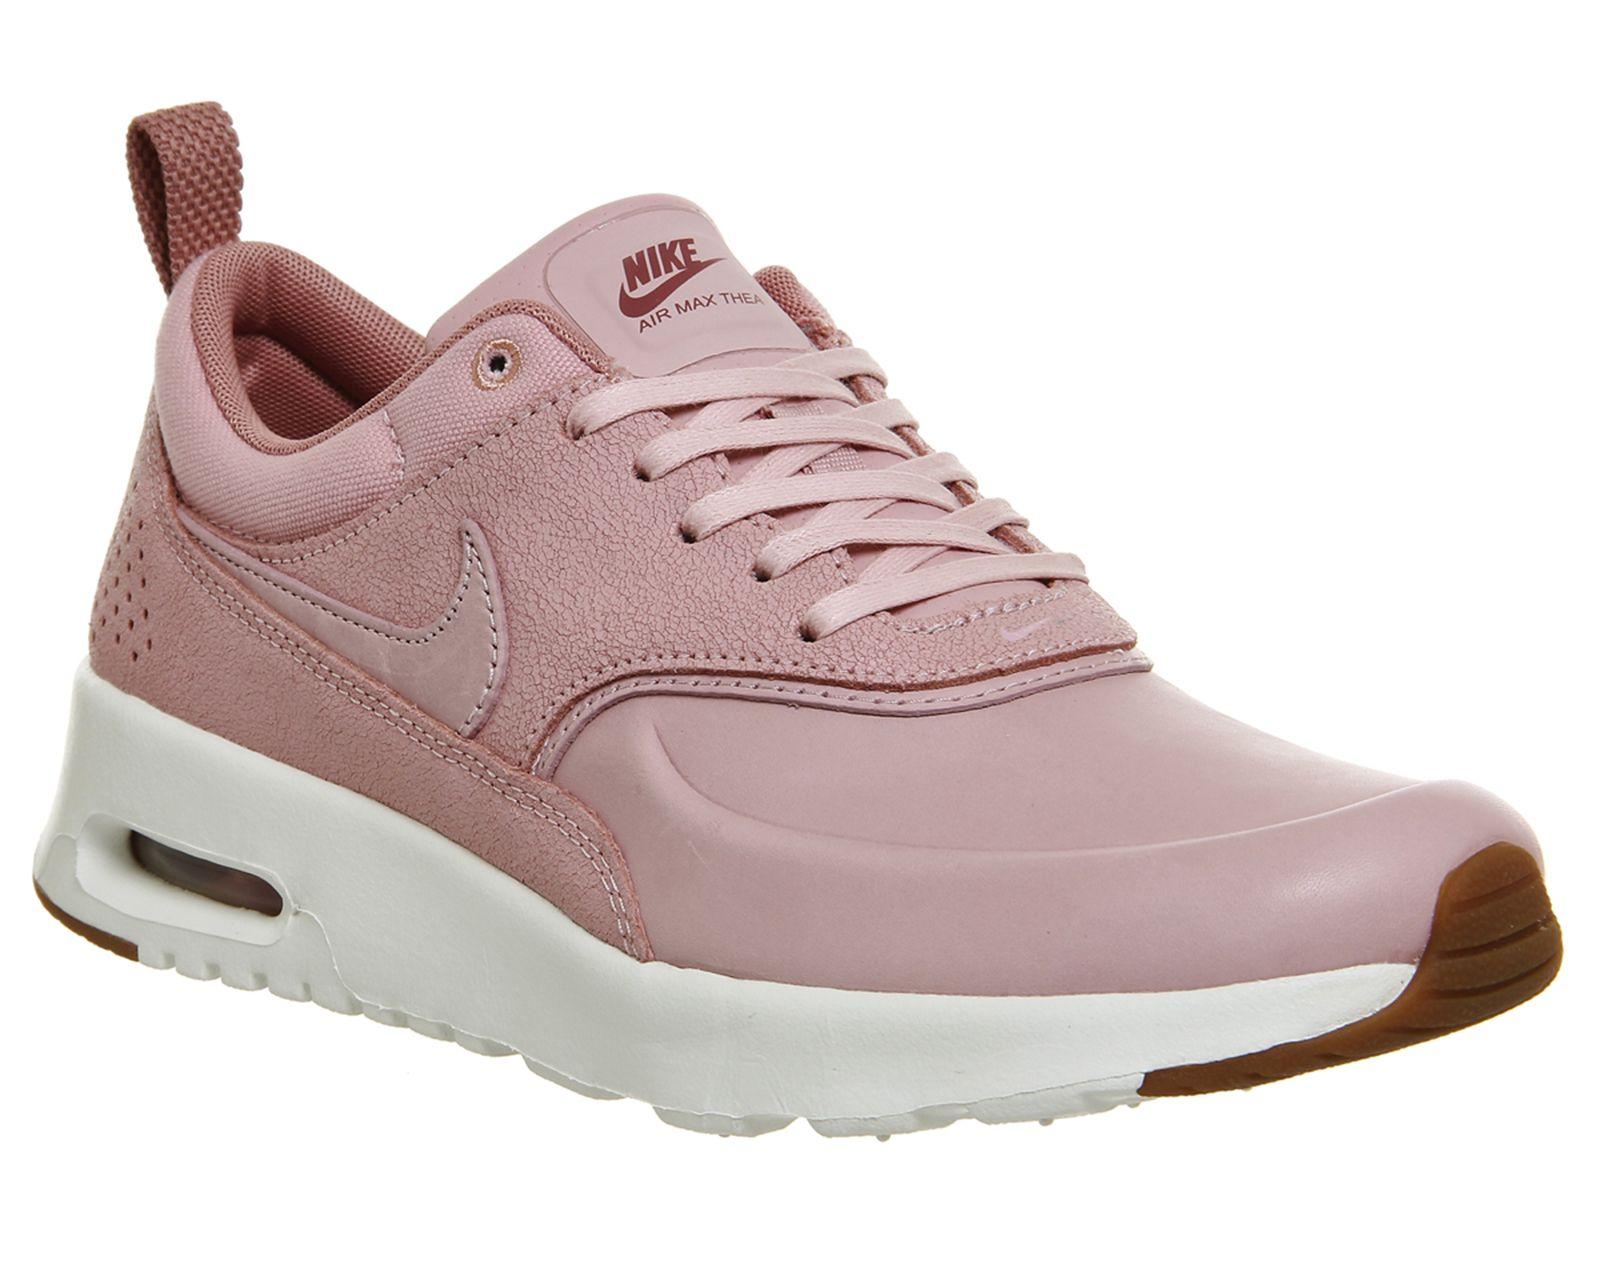 design de qualité 4470b 02013 Nike Air Max Thea Pink Glaze Sail Gum Prm | styles n such ...